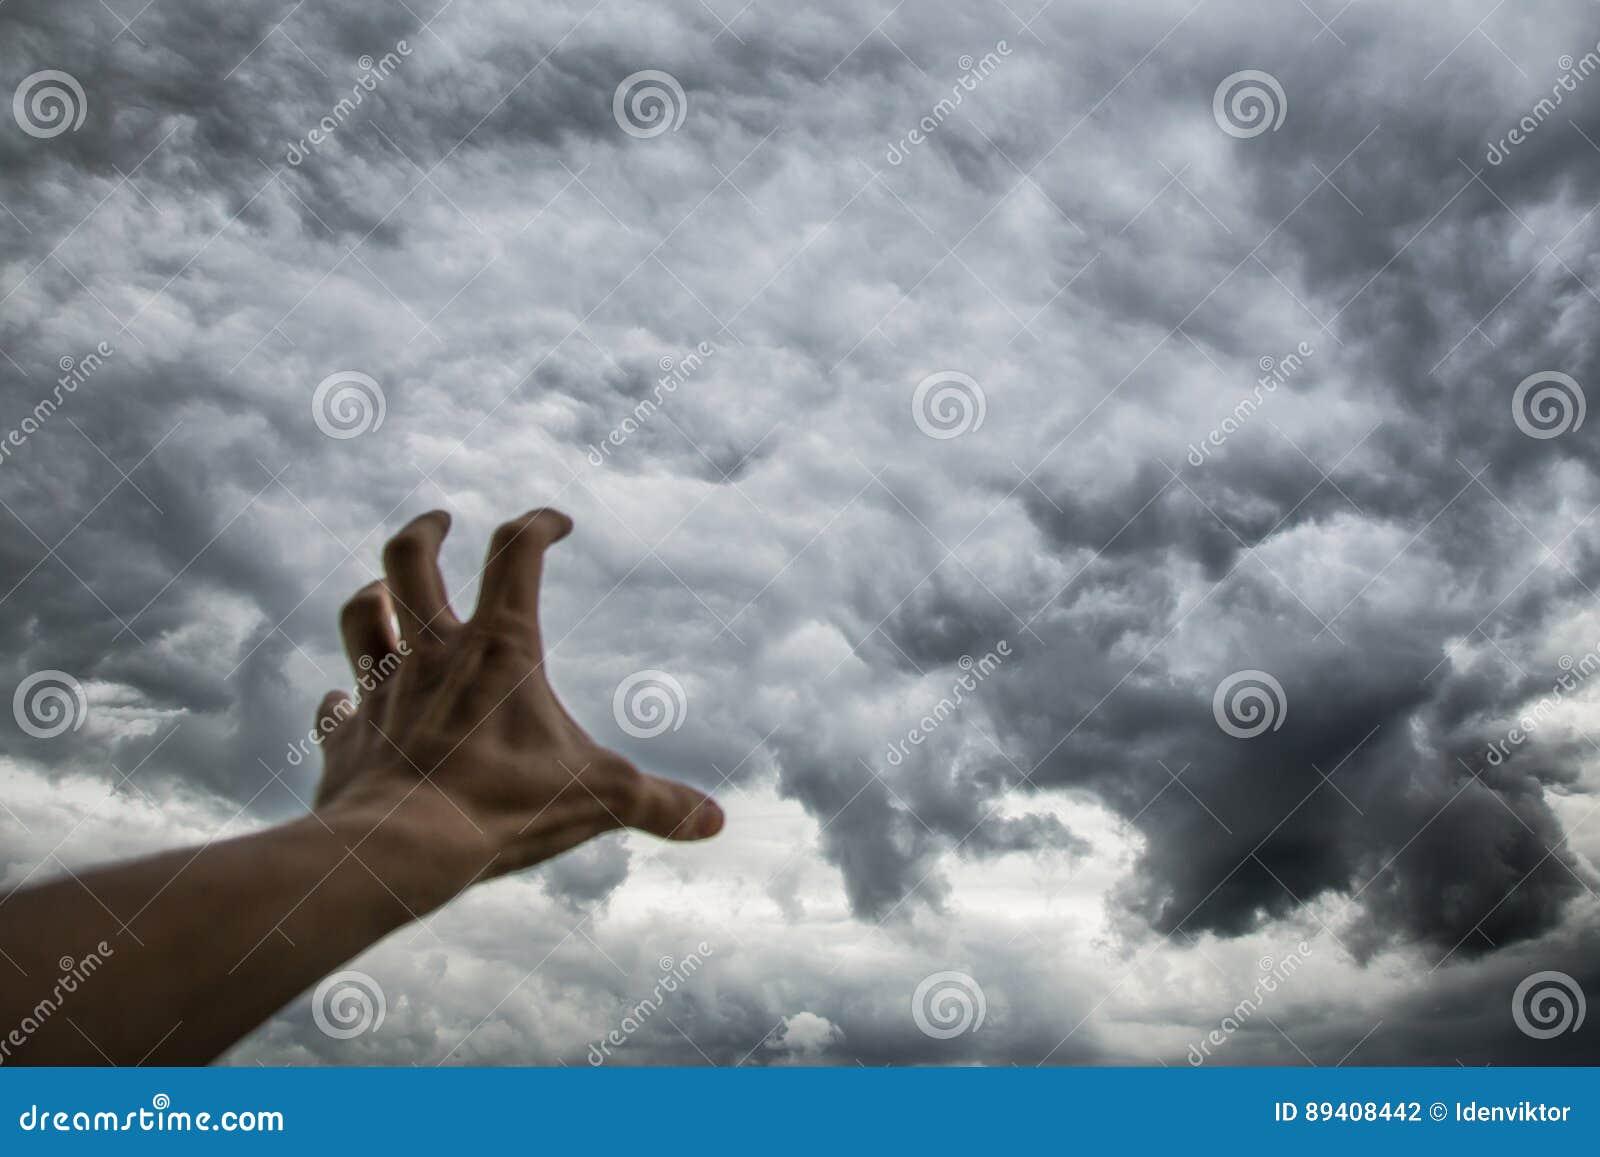 Złowieszcze ciemne burz chmury Ð ¡ hange klimat i pogoda